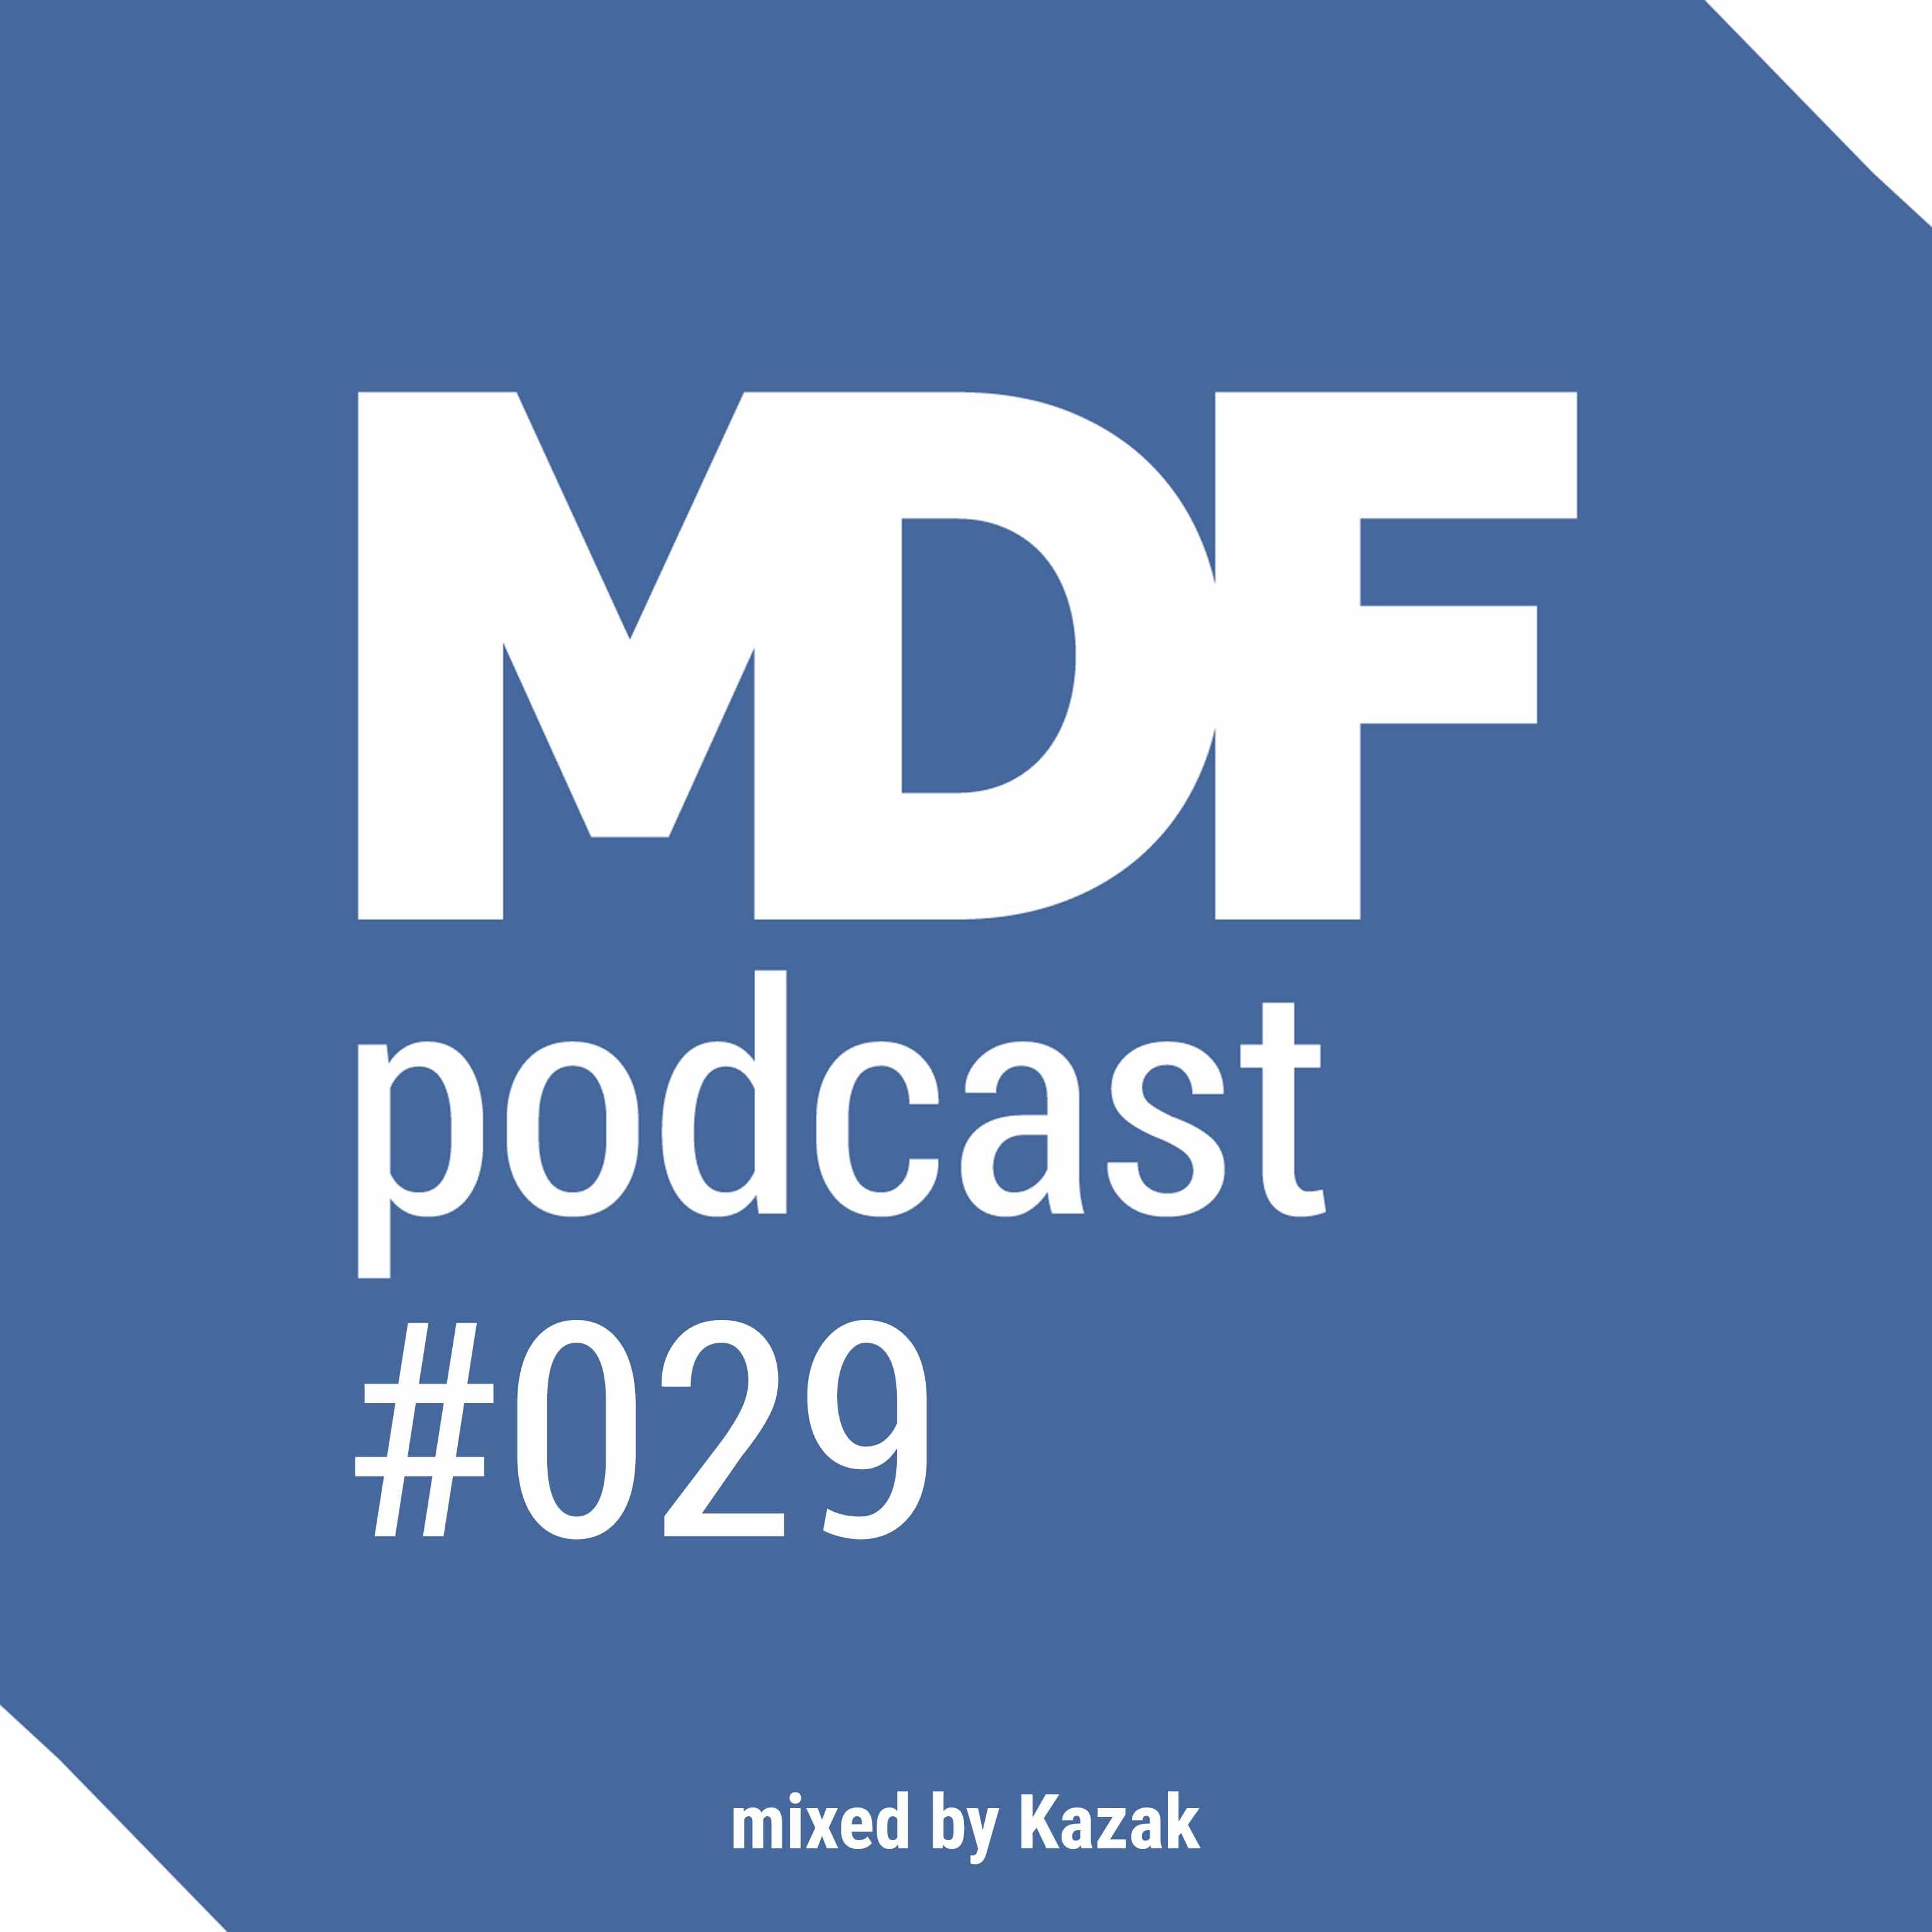 MDF Podcast o29